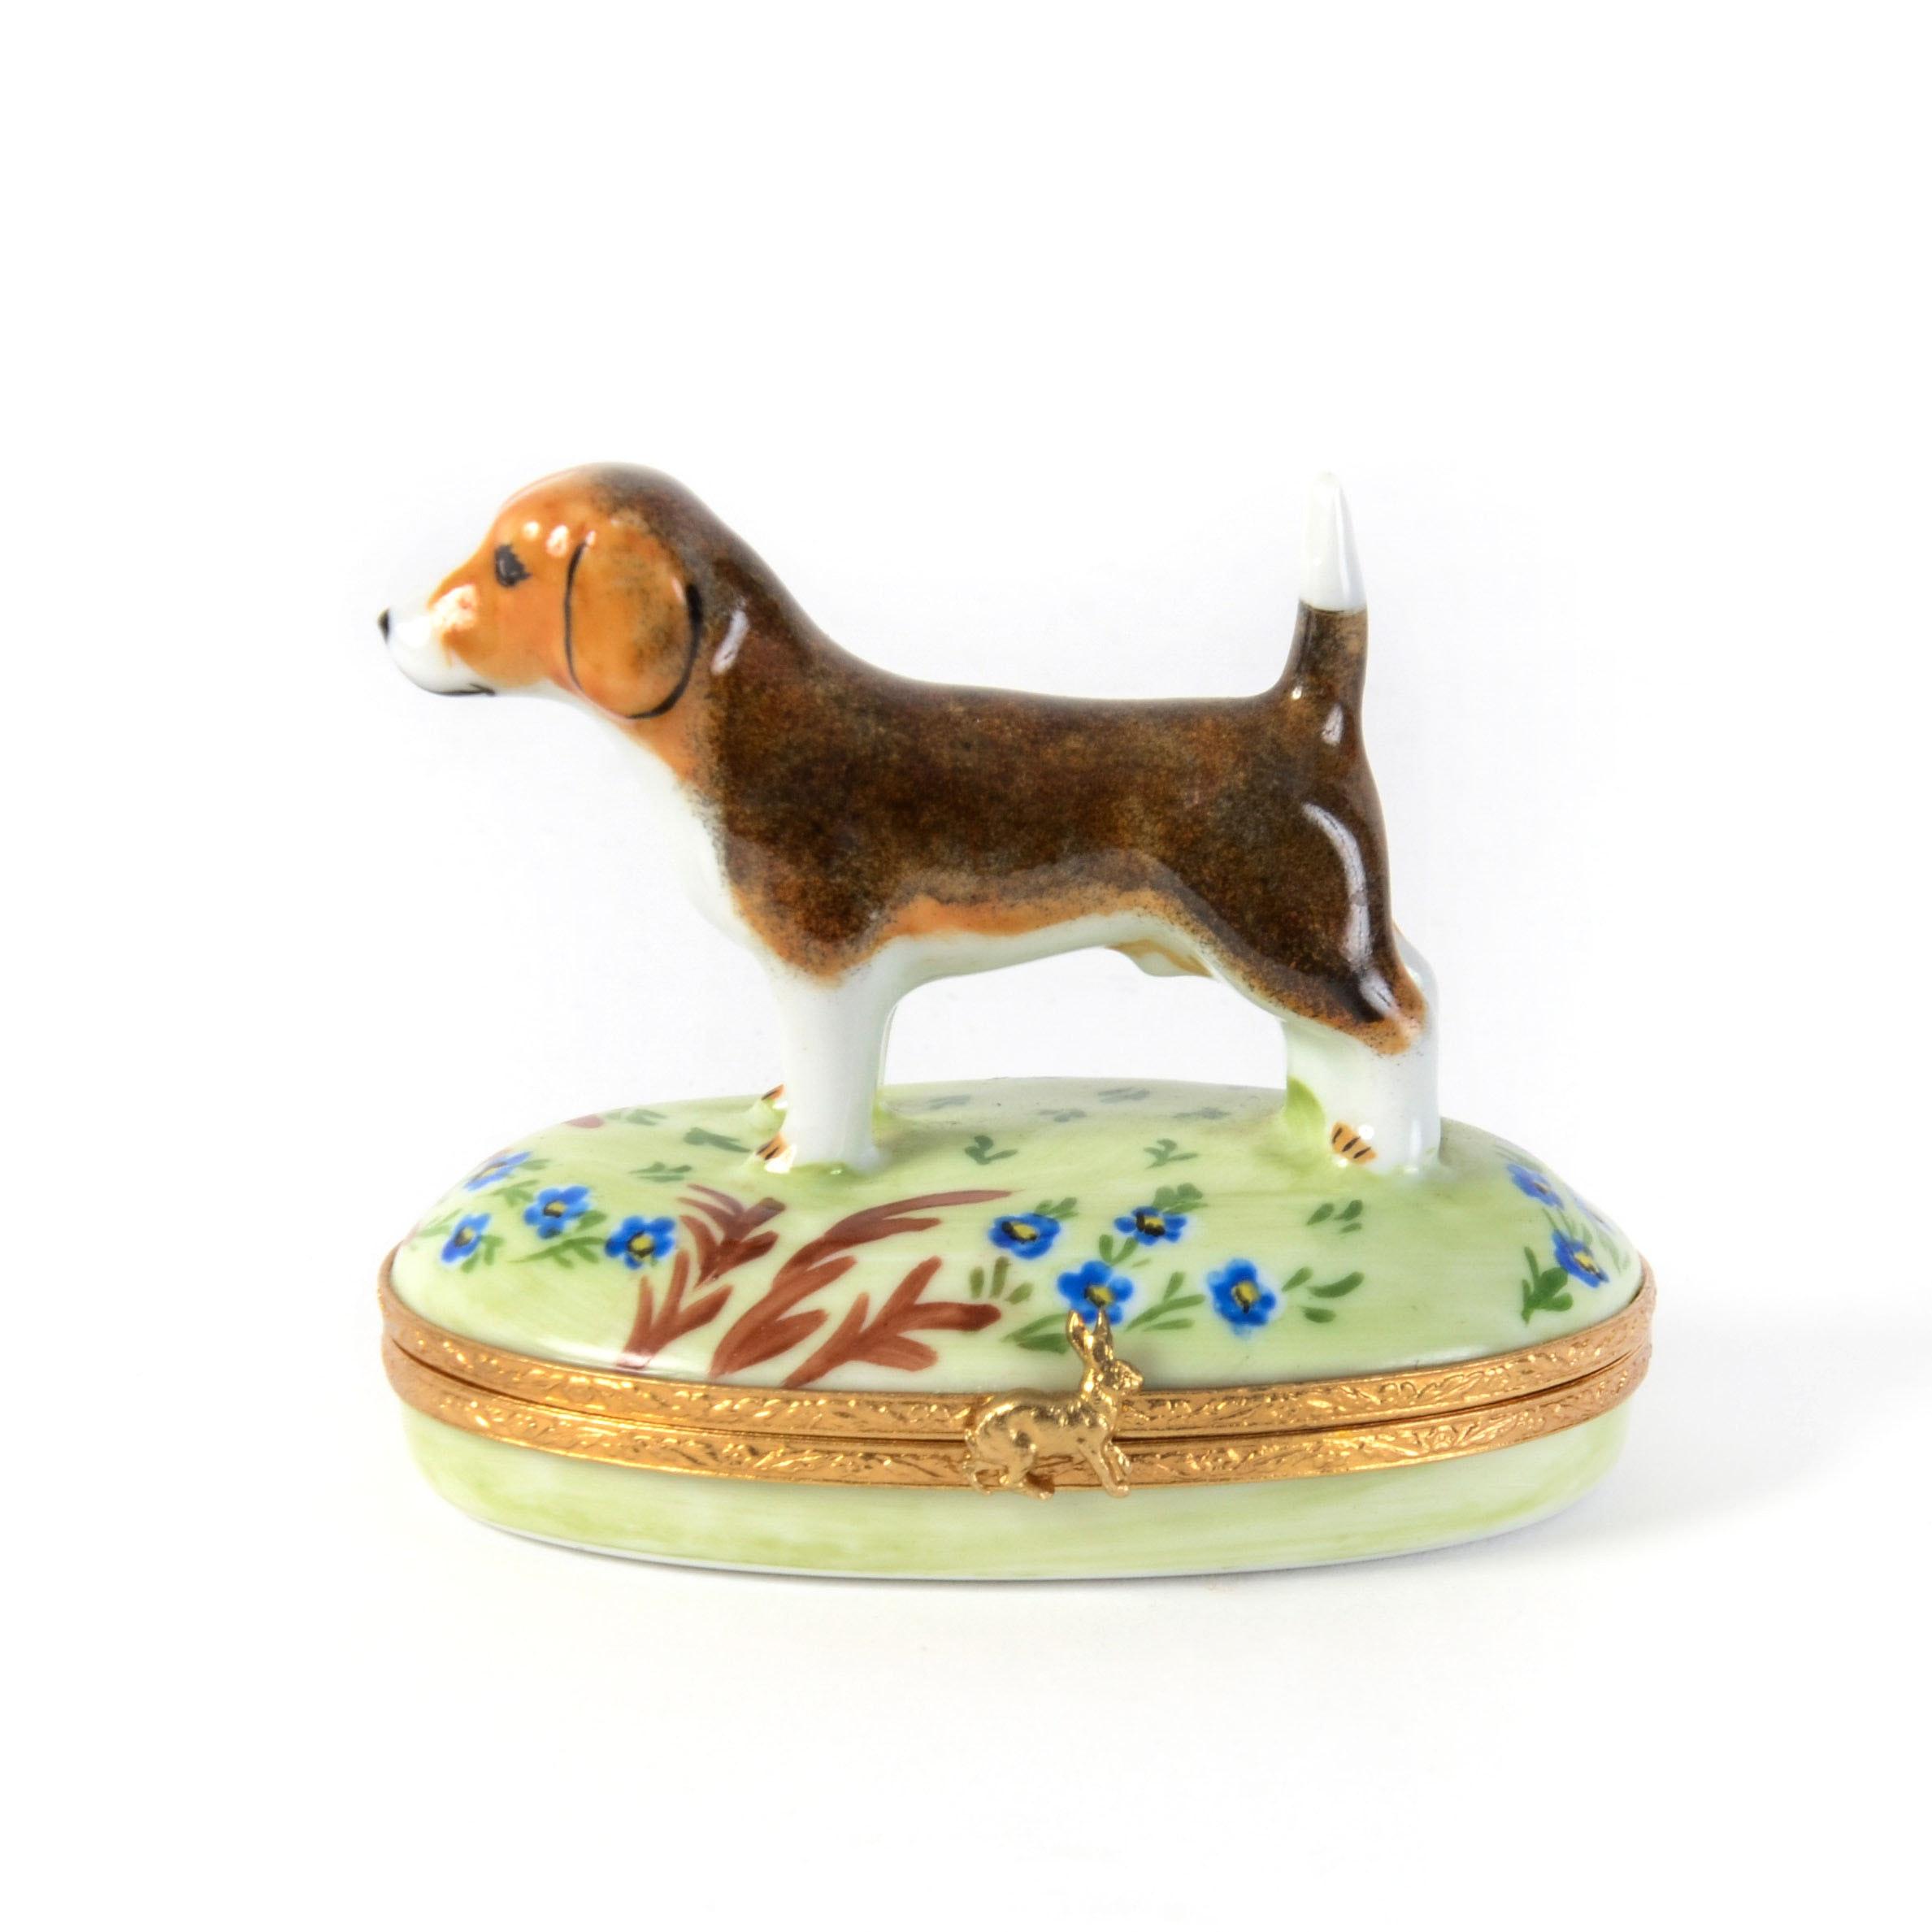 Limoges Hand Painted Porcelain Dog Trinket Box